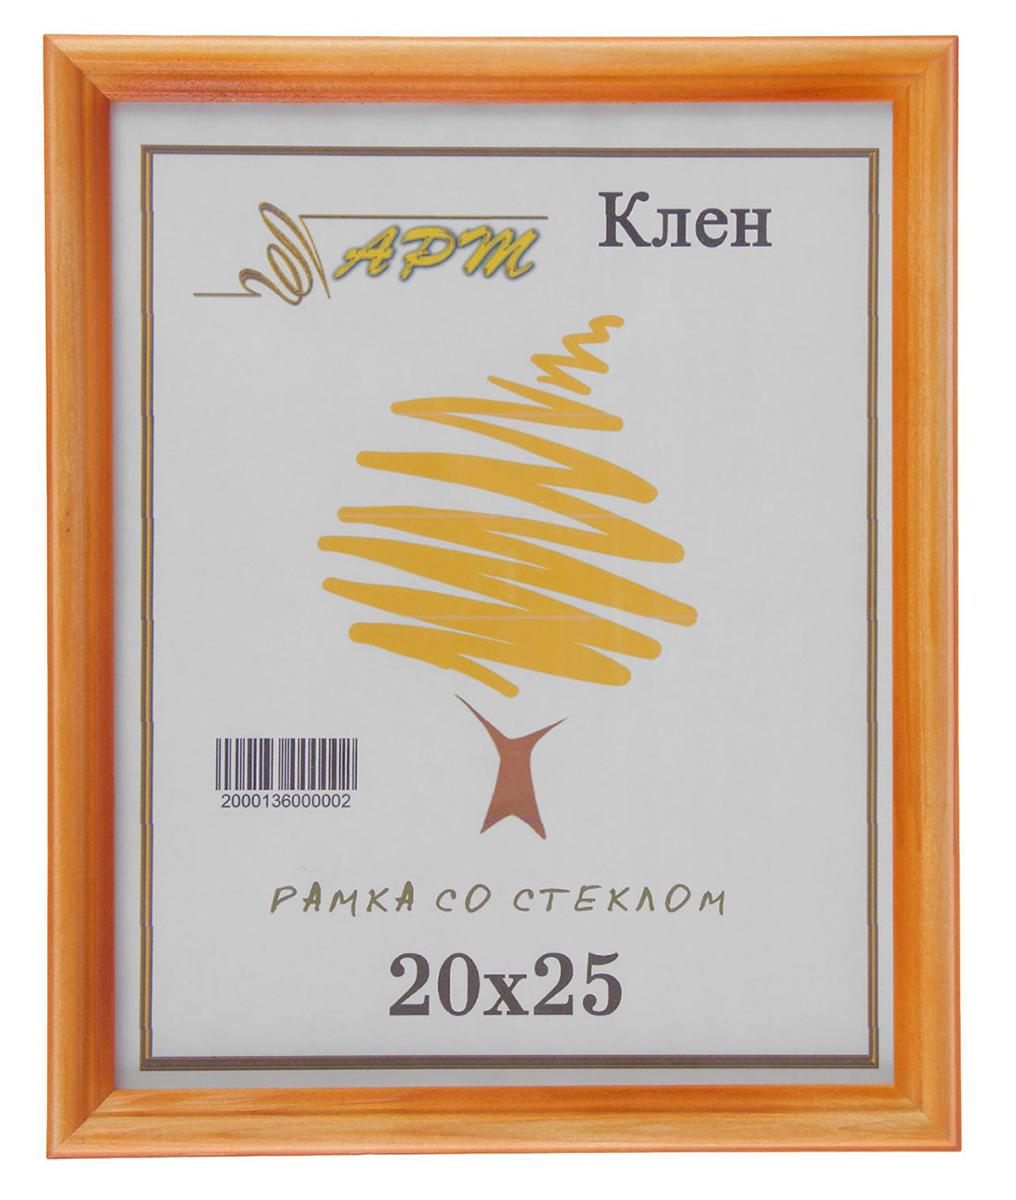 Фоторамка, 20 х 25 см, цвет: коричневый. 25990822599082Фоторамка — необходимая вещь в каждом доме. Кроме того, это всегда нужный подарок, который уместен к любому празднику. Аксессуар не только бережно сохранит любимый снимок, но и украсит интерьер, сделает его более уютным и индивидуальным. Окружайте себя мелочами, которые день ото дня будут радовать глаз и поднимать настроение. Каждому хозяину периодически приходит мысль обновить свою квартиру, сделать ремонт, перестановку или кардинально поменять внешний вид каждой комнаты. Фоторамка 20х25 см Клён — привлекательная деталь, которая поможет воплотить вашу интерьерную идею, создать неповторимую атмосферу в вашем доме. Окружите себя приятными мелочами, пусть они радуют глаз и дарят гармонию.